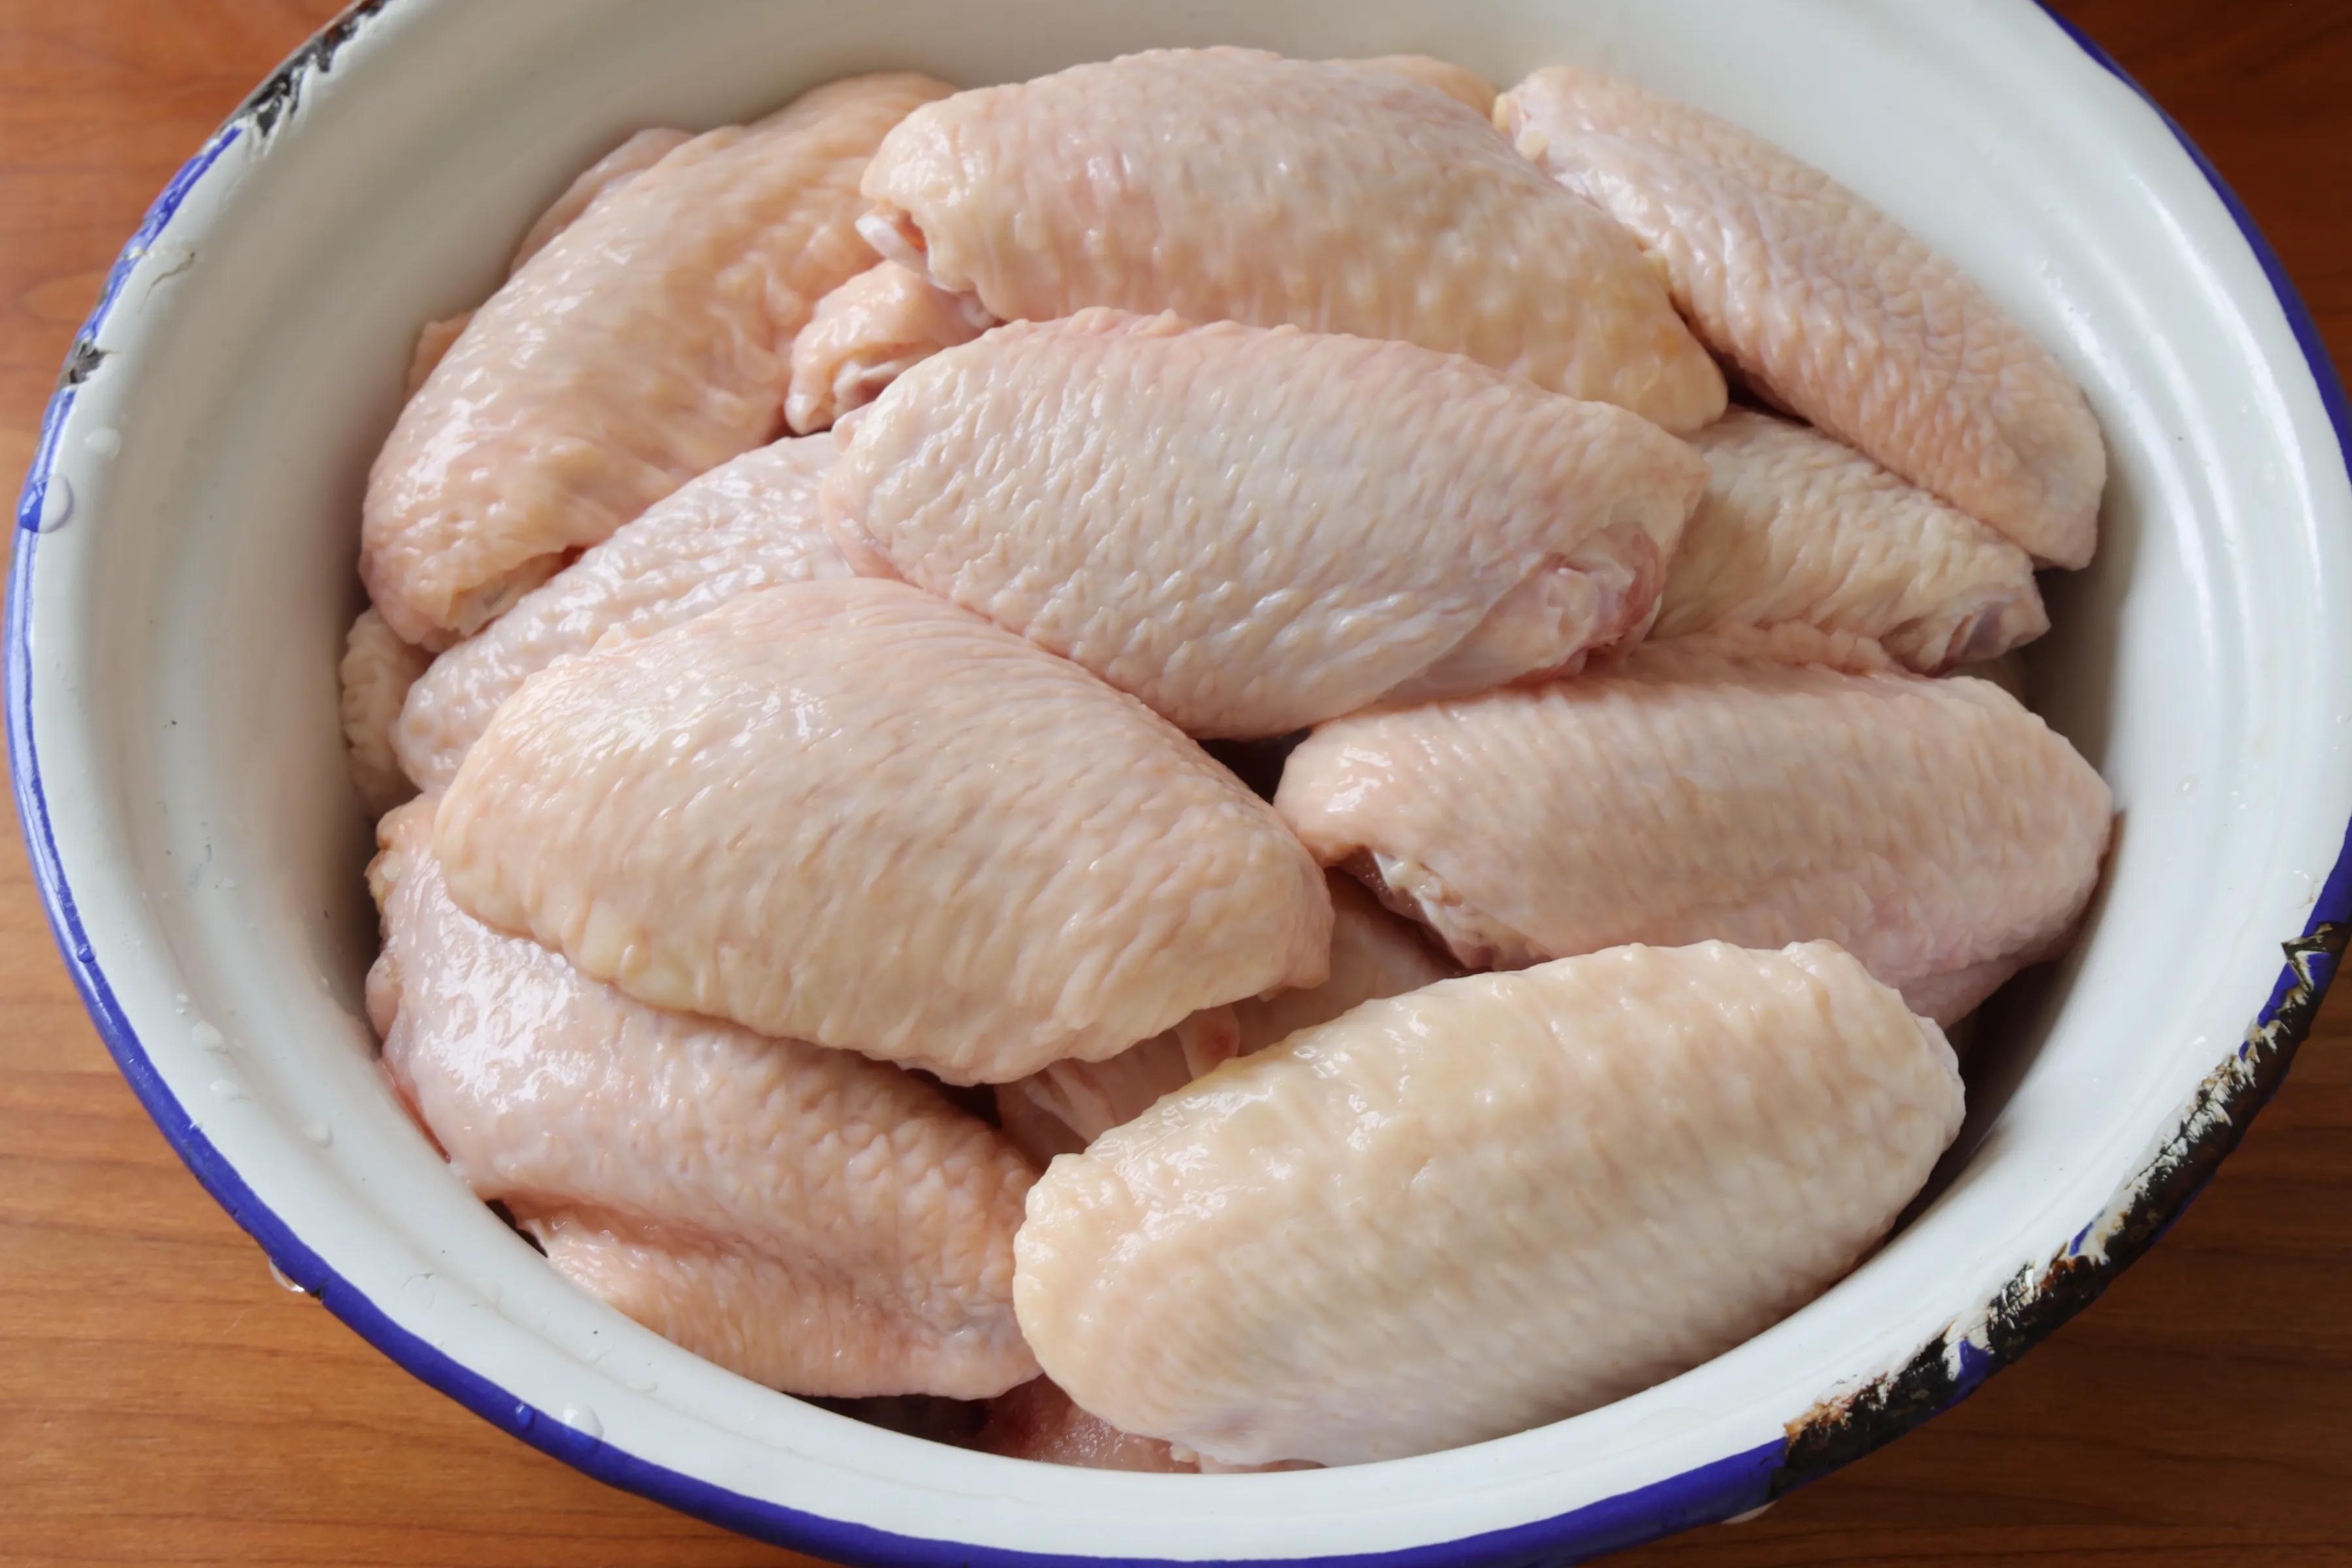 雞翅別紅燒,試試這個做法,不加油,外焦里嫩,吃一次就忘不了